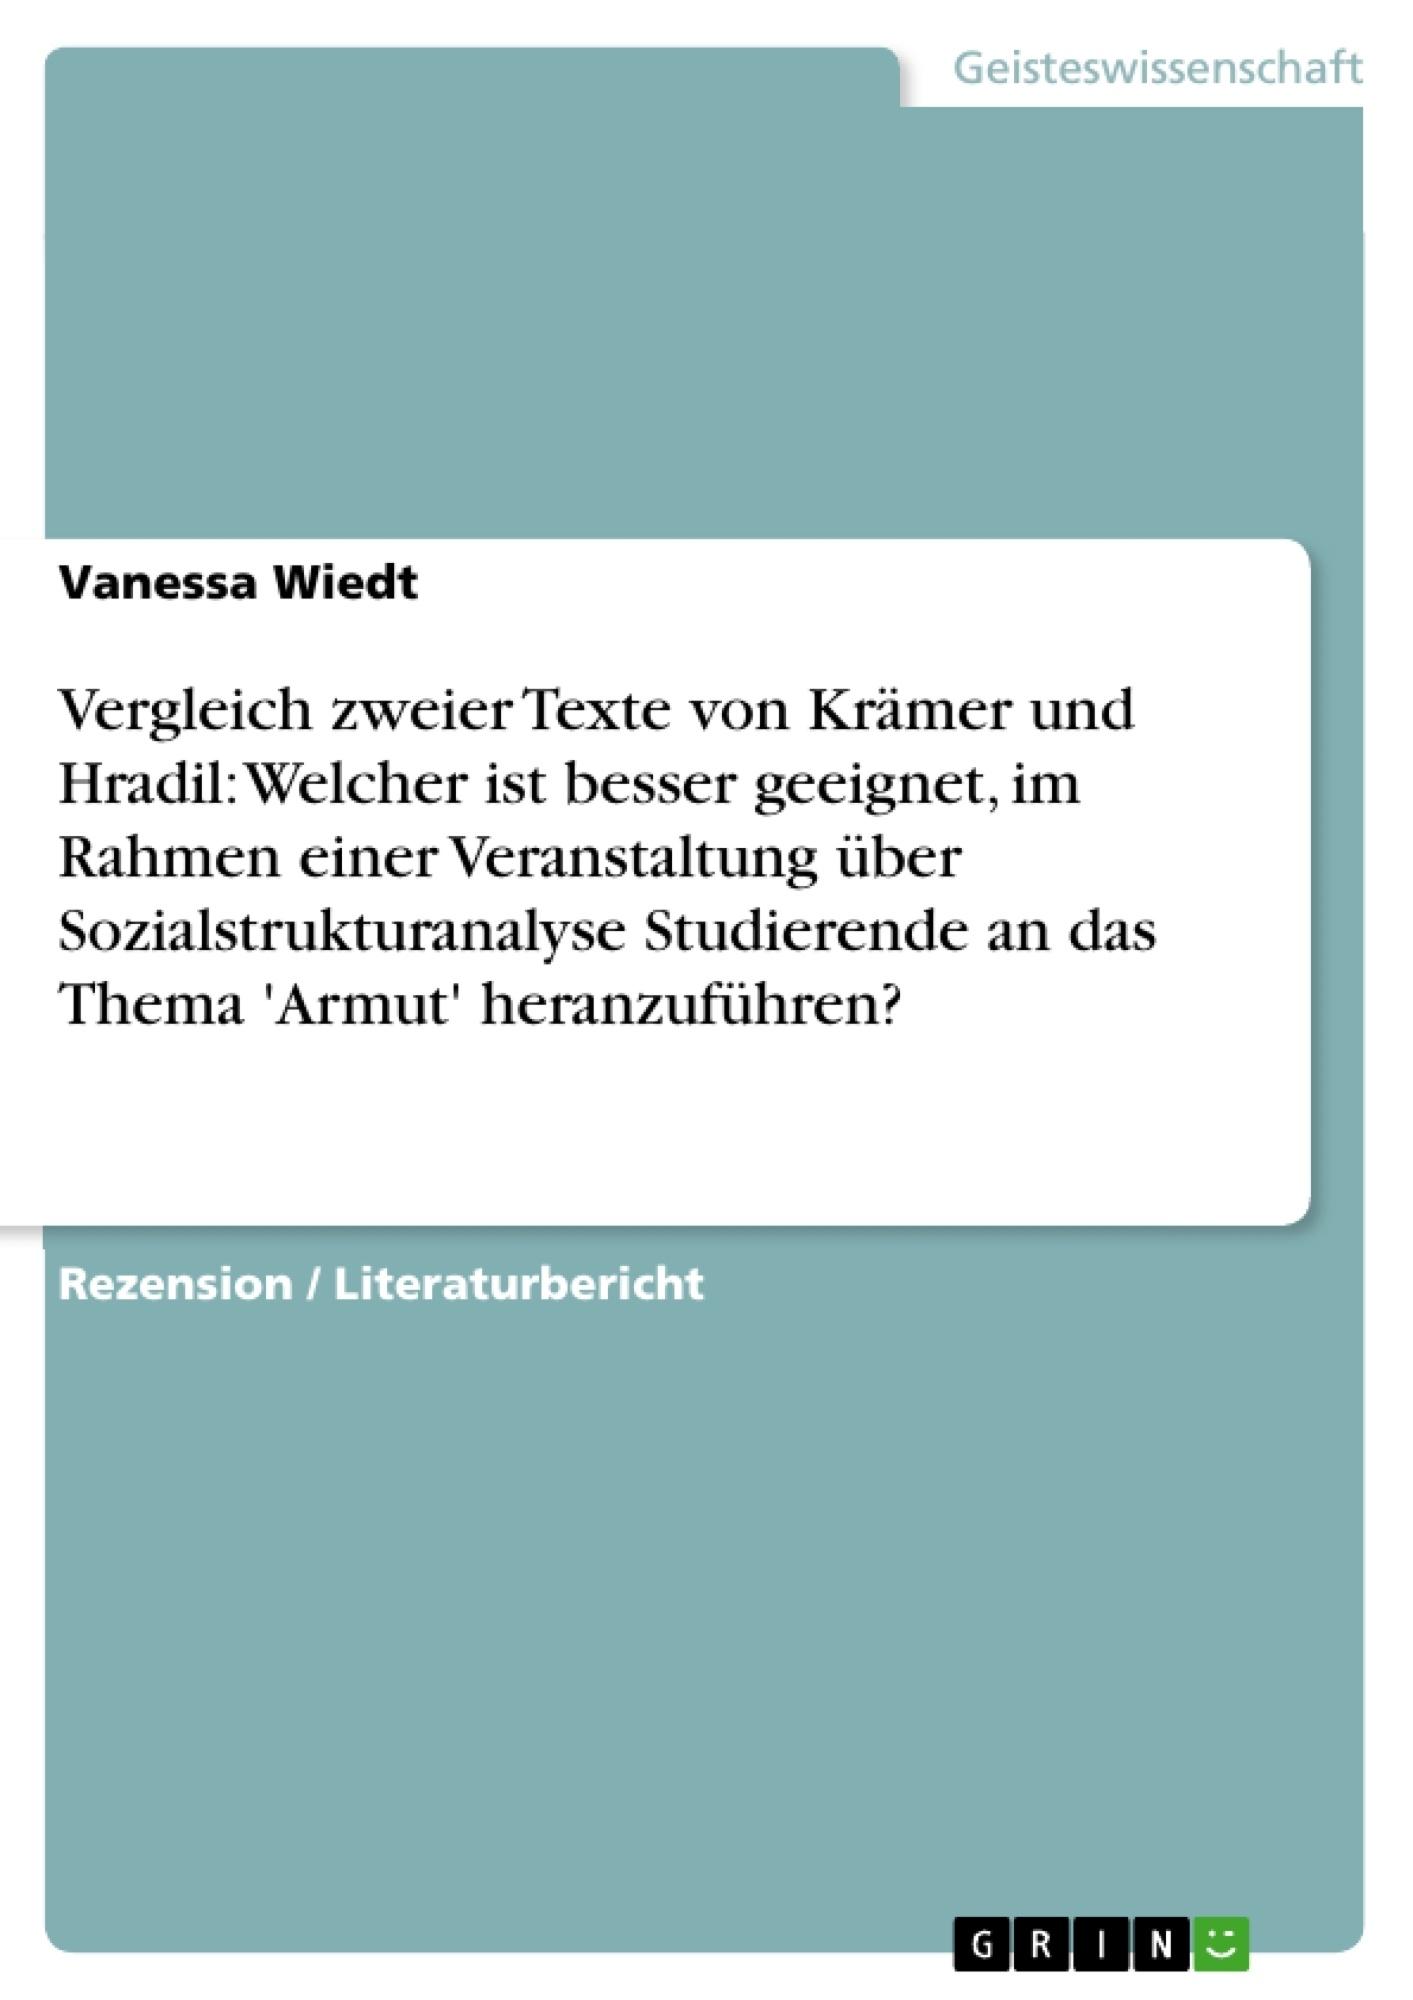 Titel: Vergleich zweier Texte von Krämer und Hradil: Welcher ist besser geeignet, im Rahmen einer Veranstaltung über Sozialstrukturanalyse Studierende an das Thema 'Armut' heranzuführen?